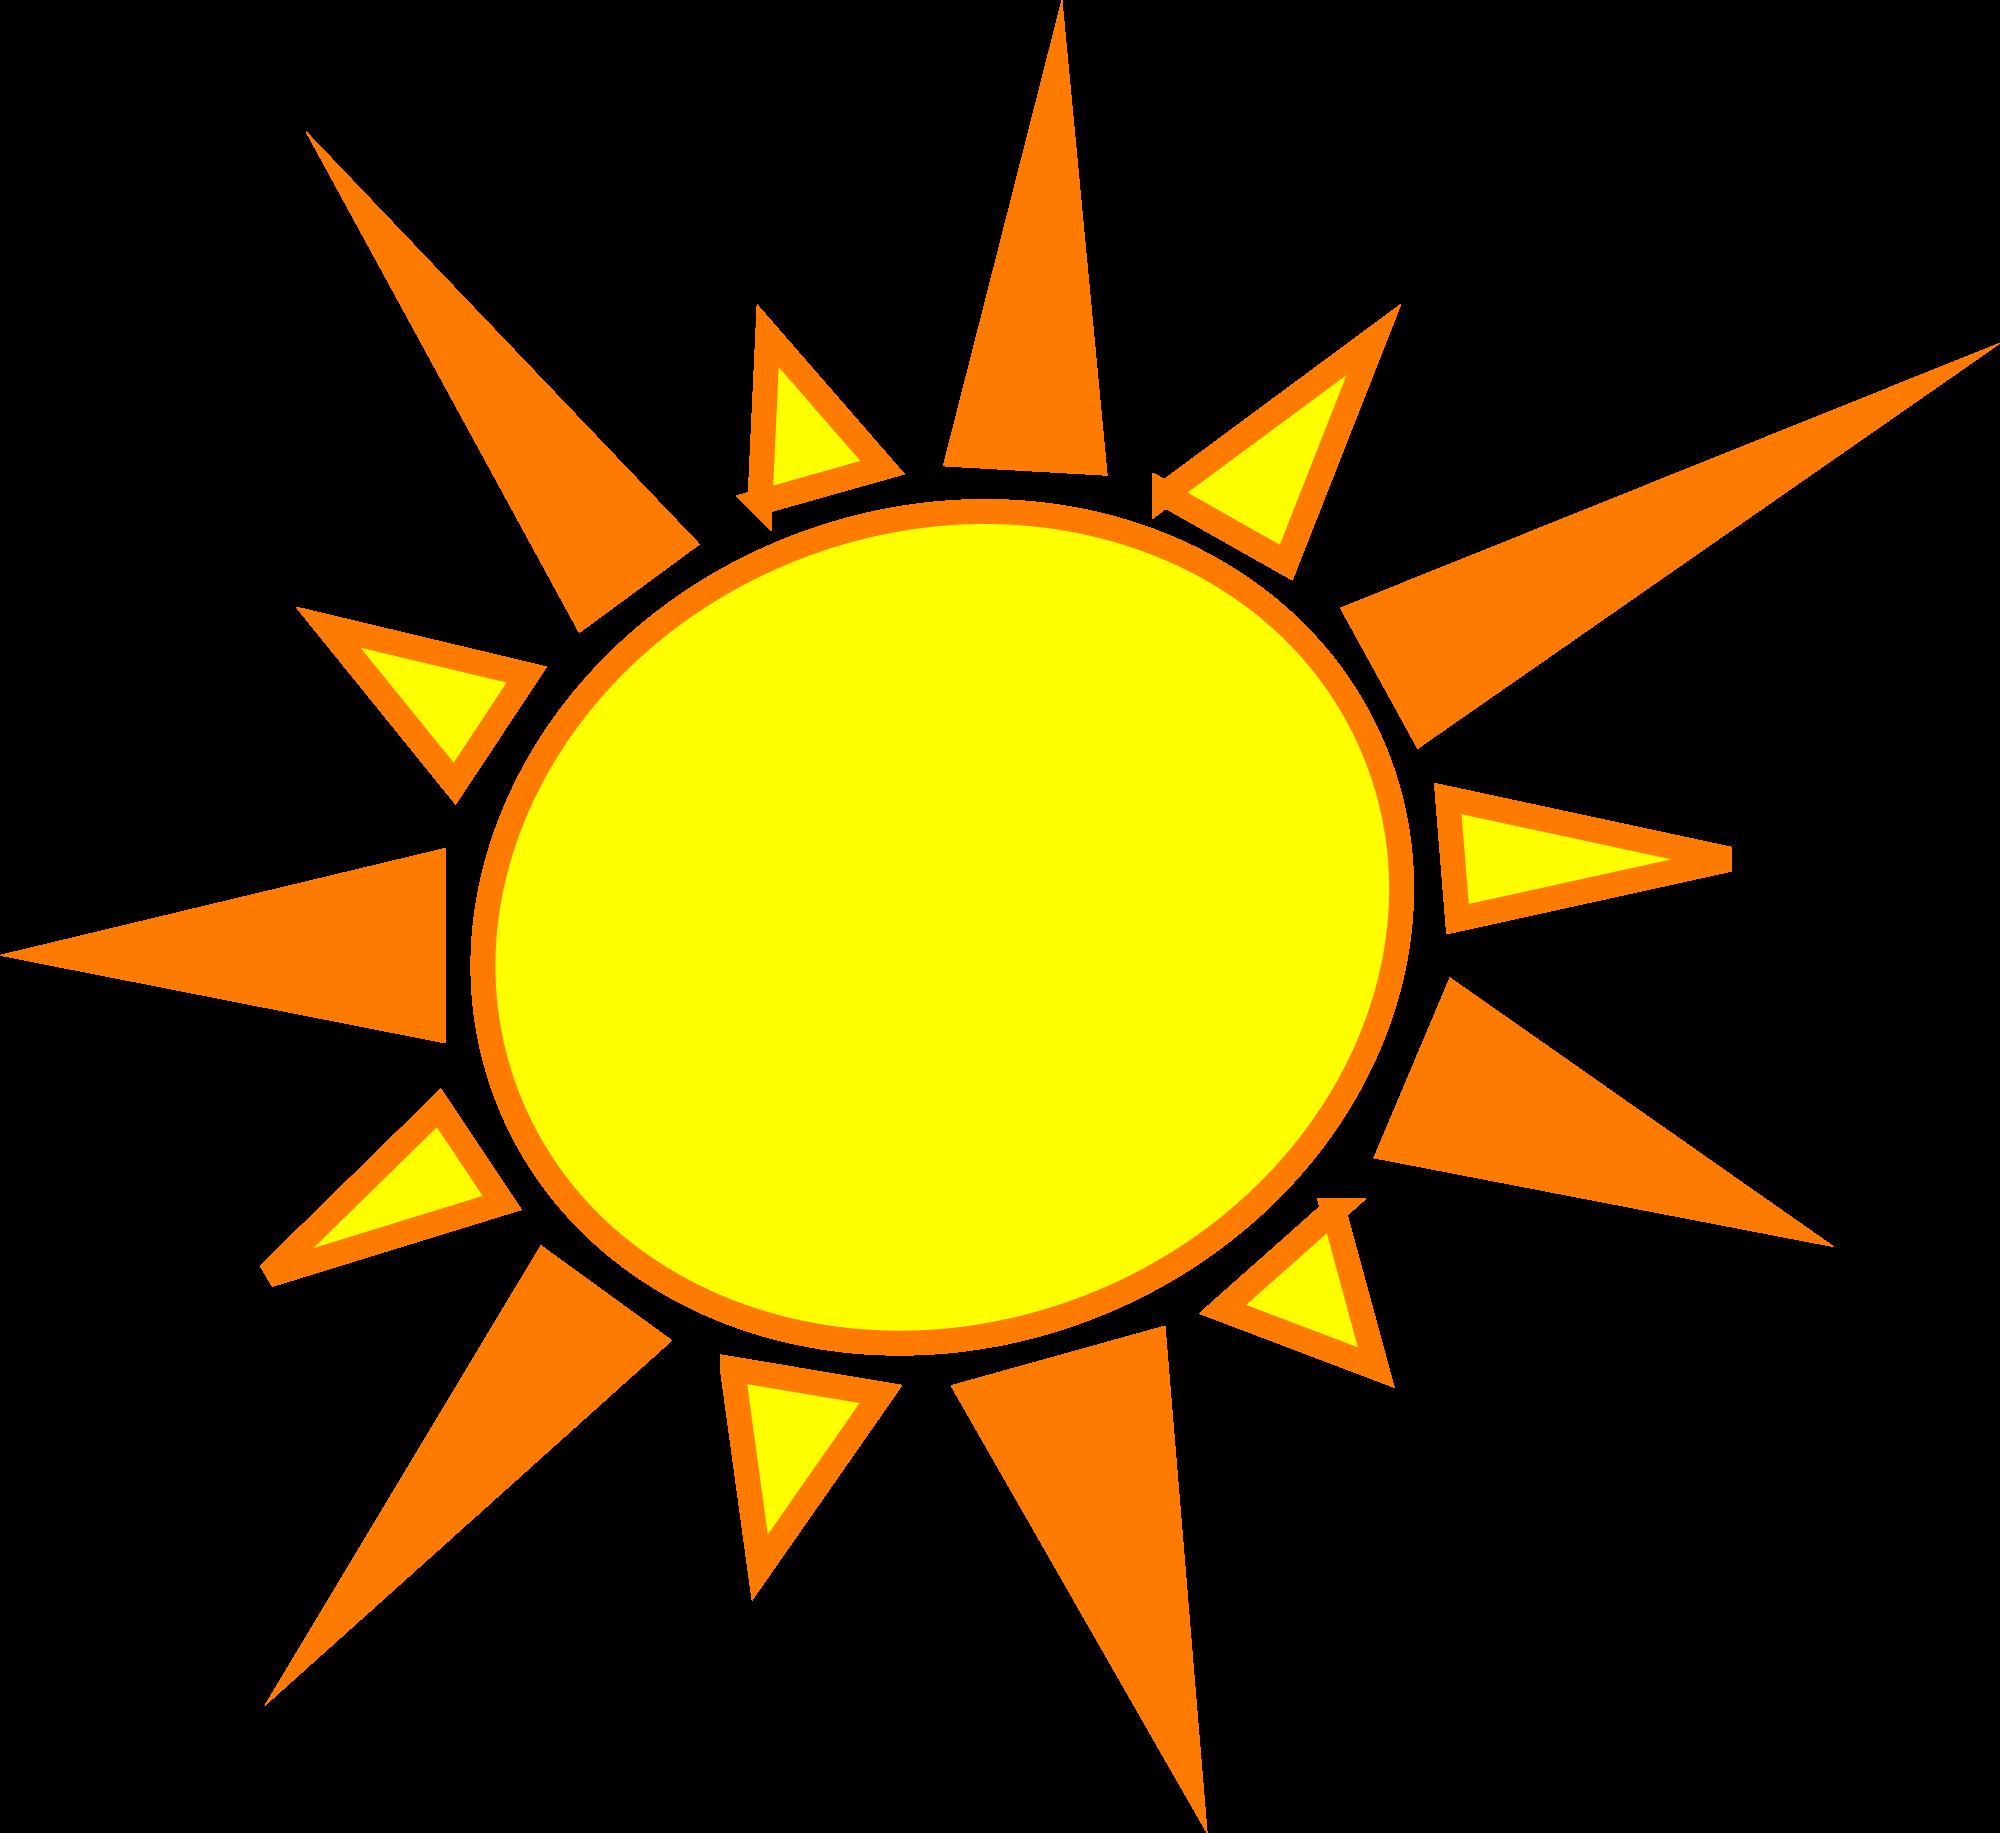 2000x1833 Clip Art Sun Clip Art Images